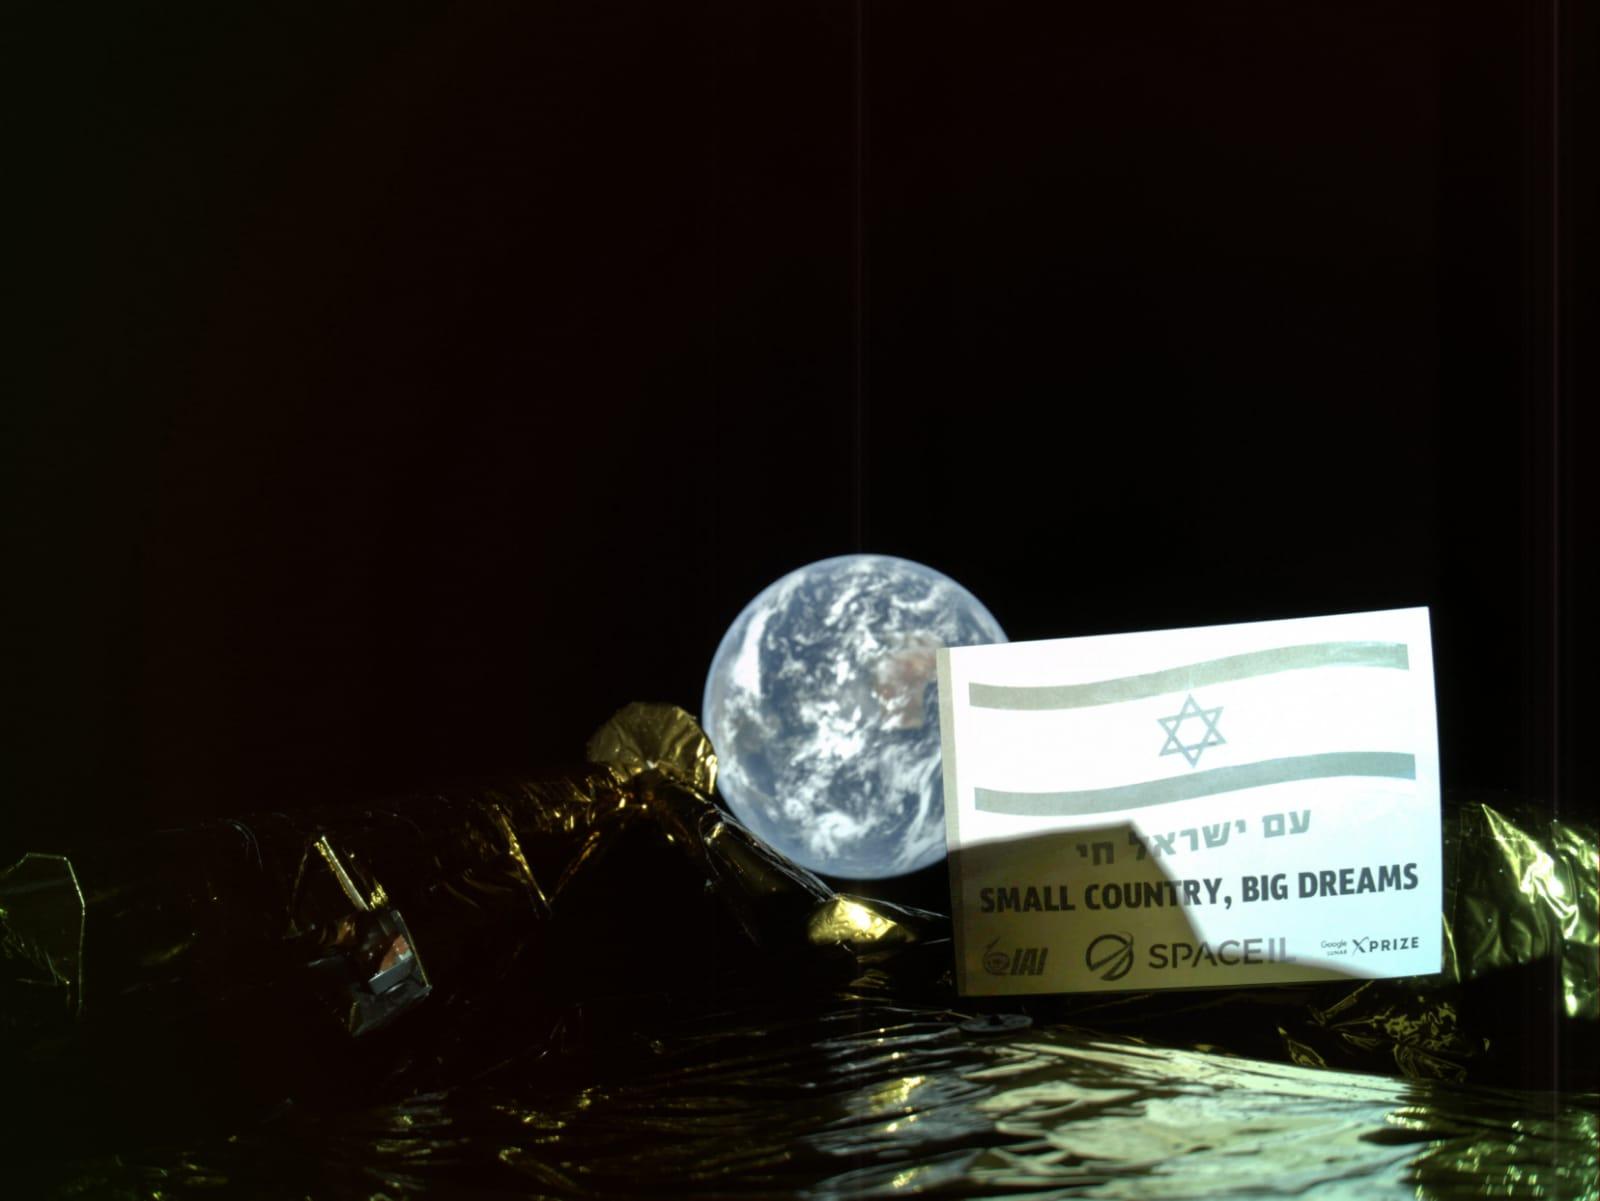 Лунная миссия «Берешит» – характеристики аппарата, серия маневров и самый длинный путь на Луну - 15